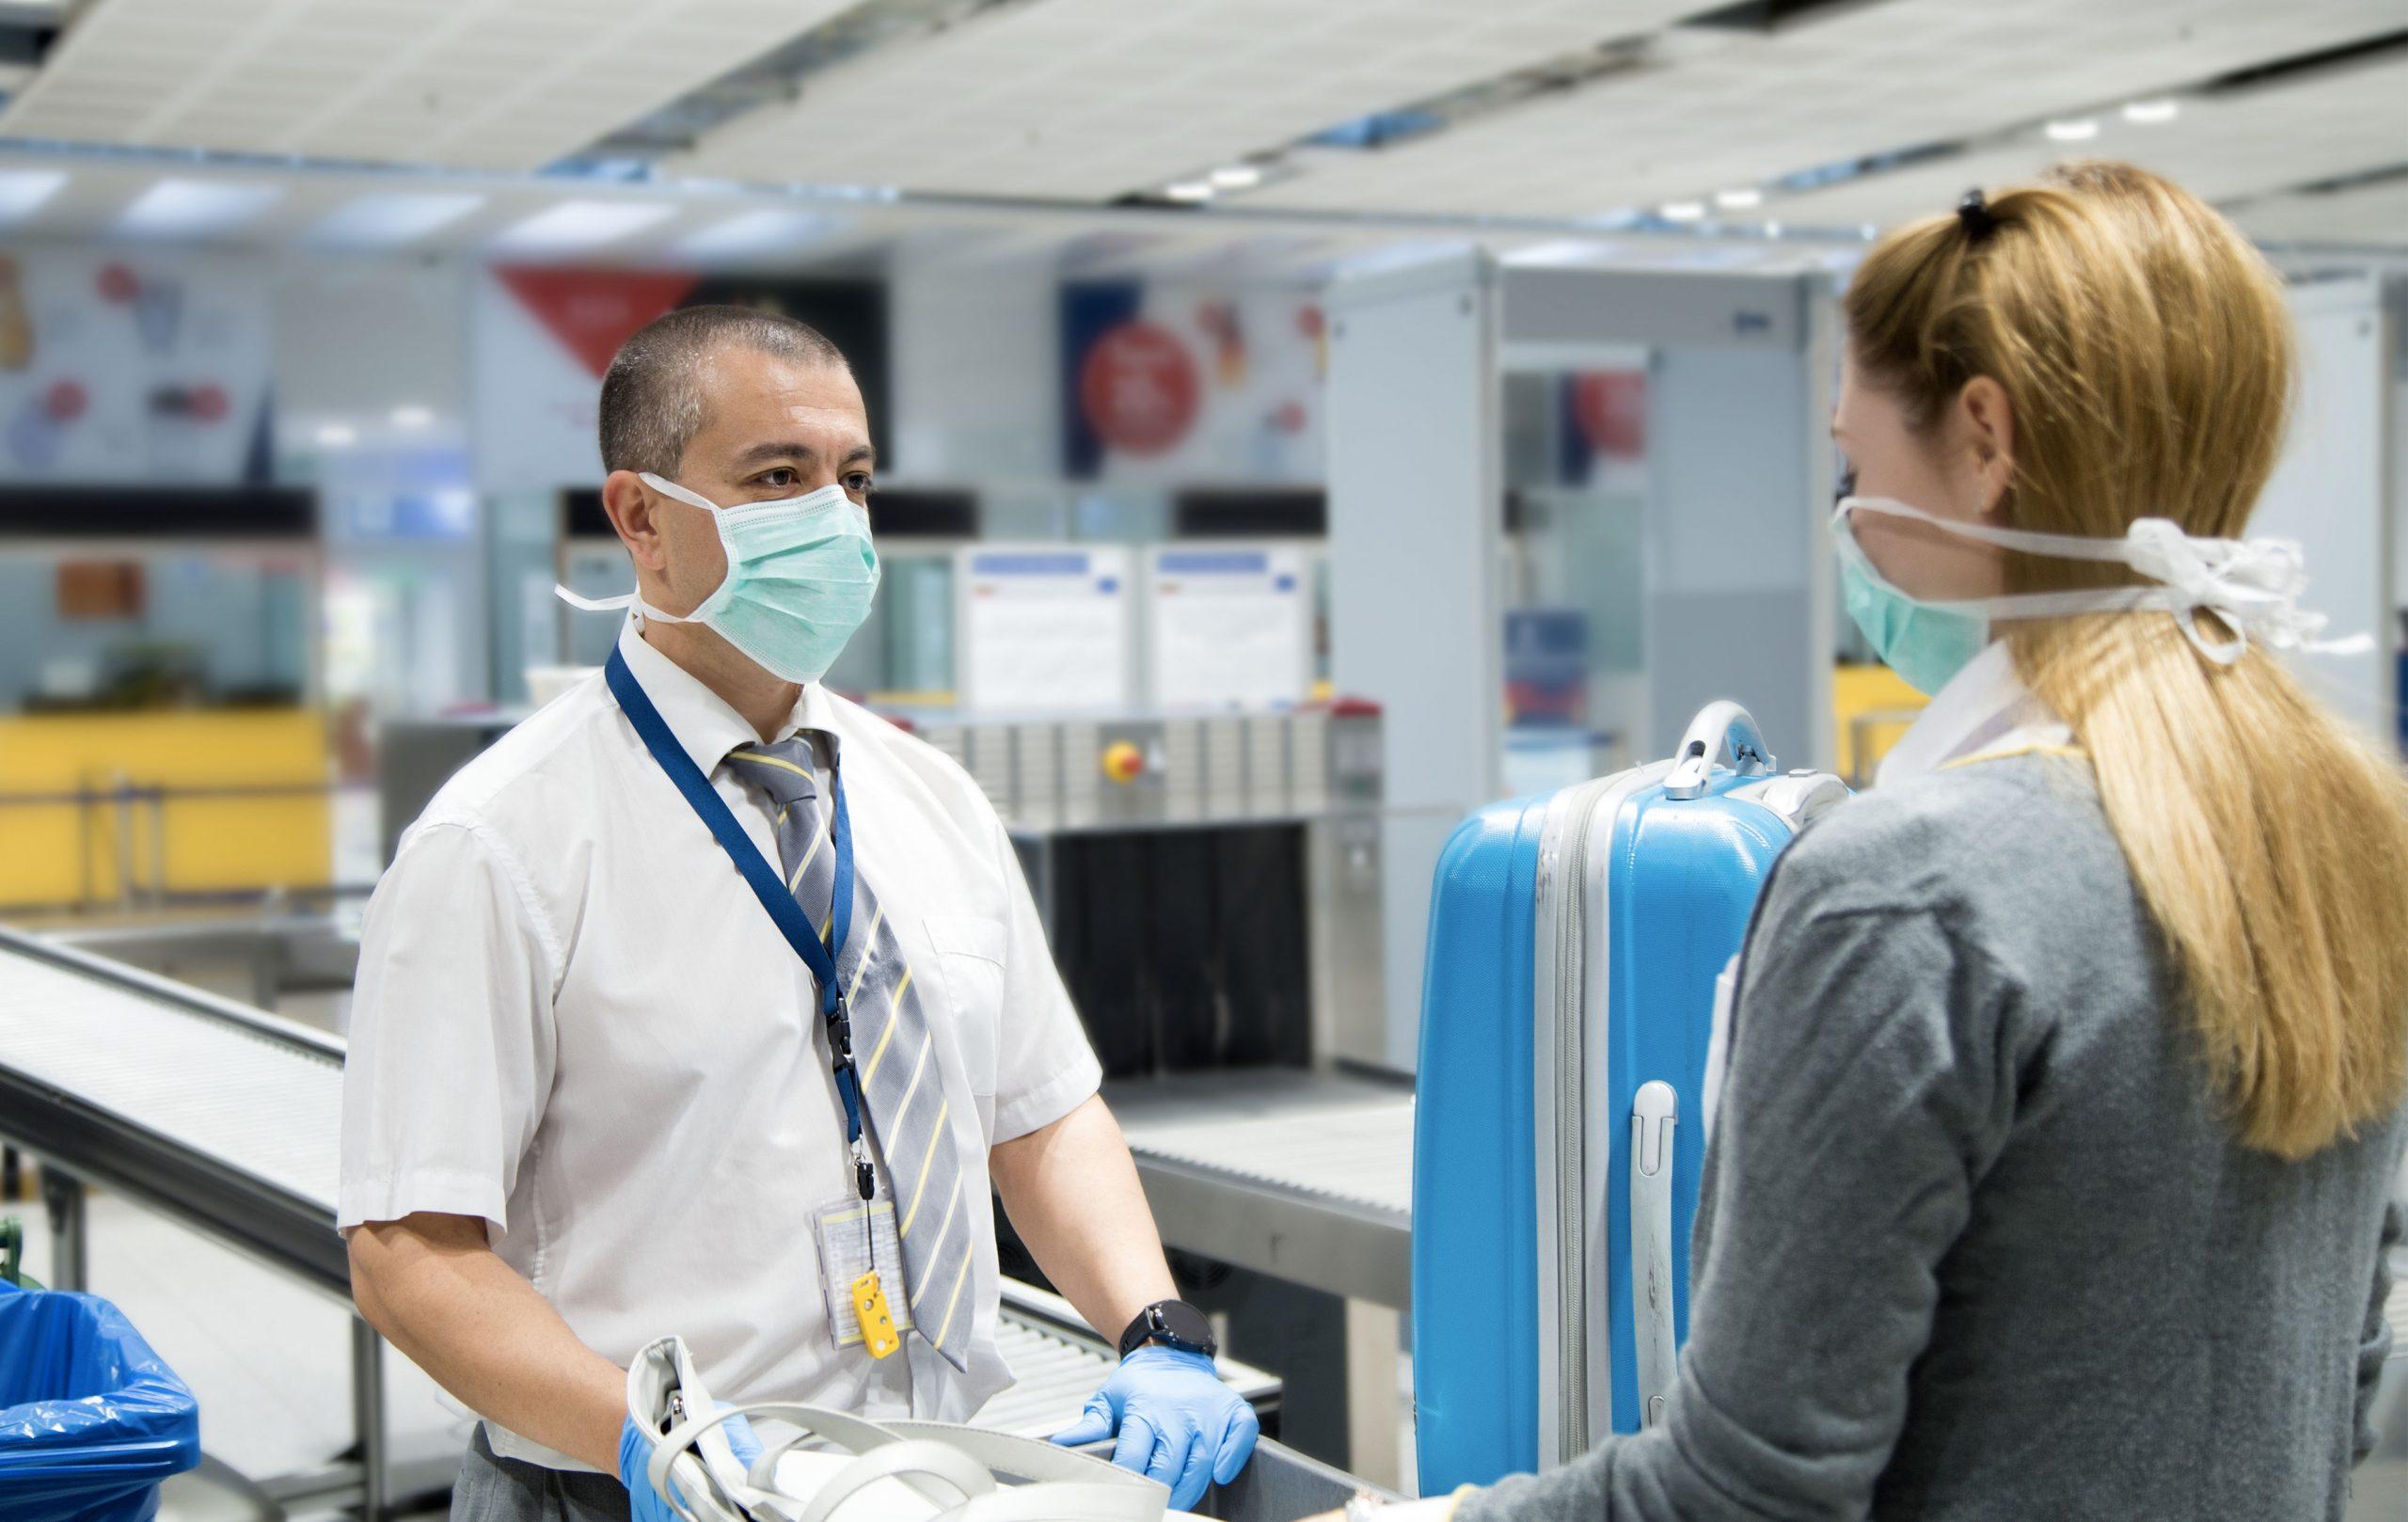 personnes portant des masques dans un aéroport